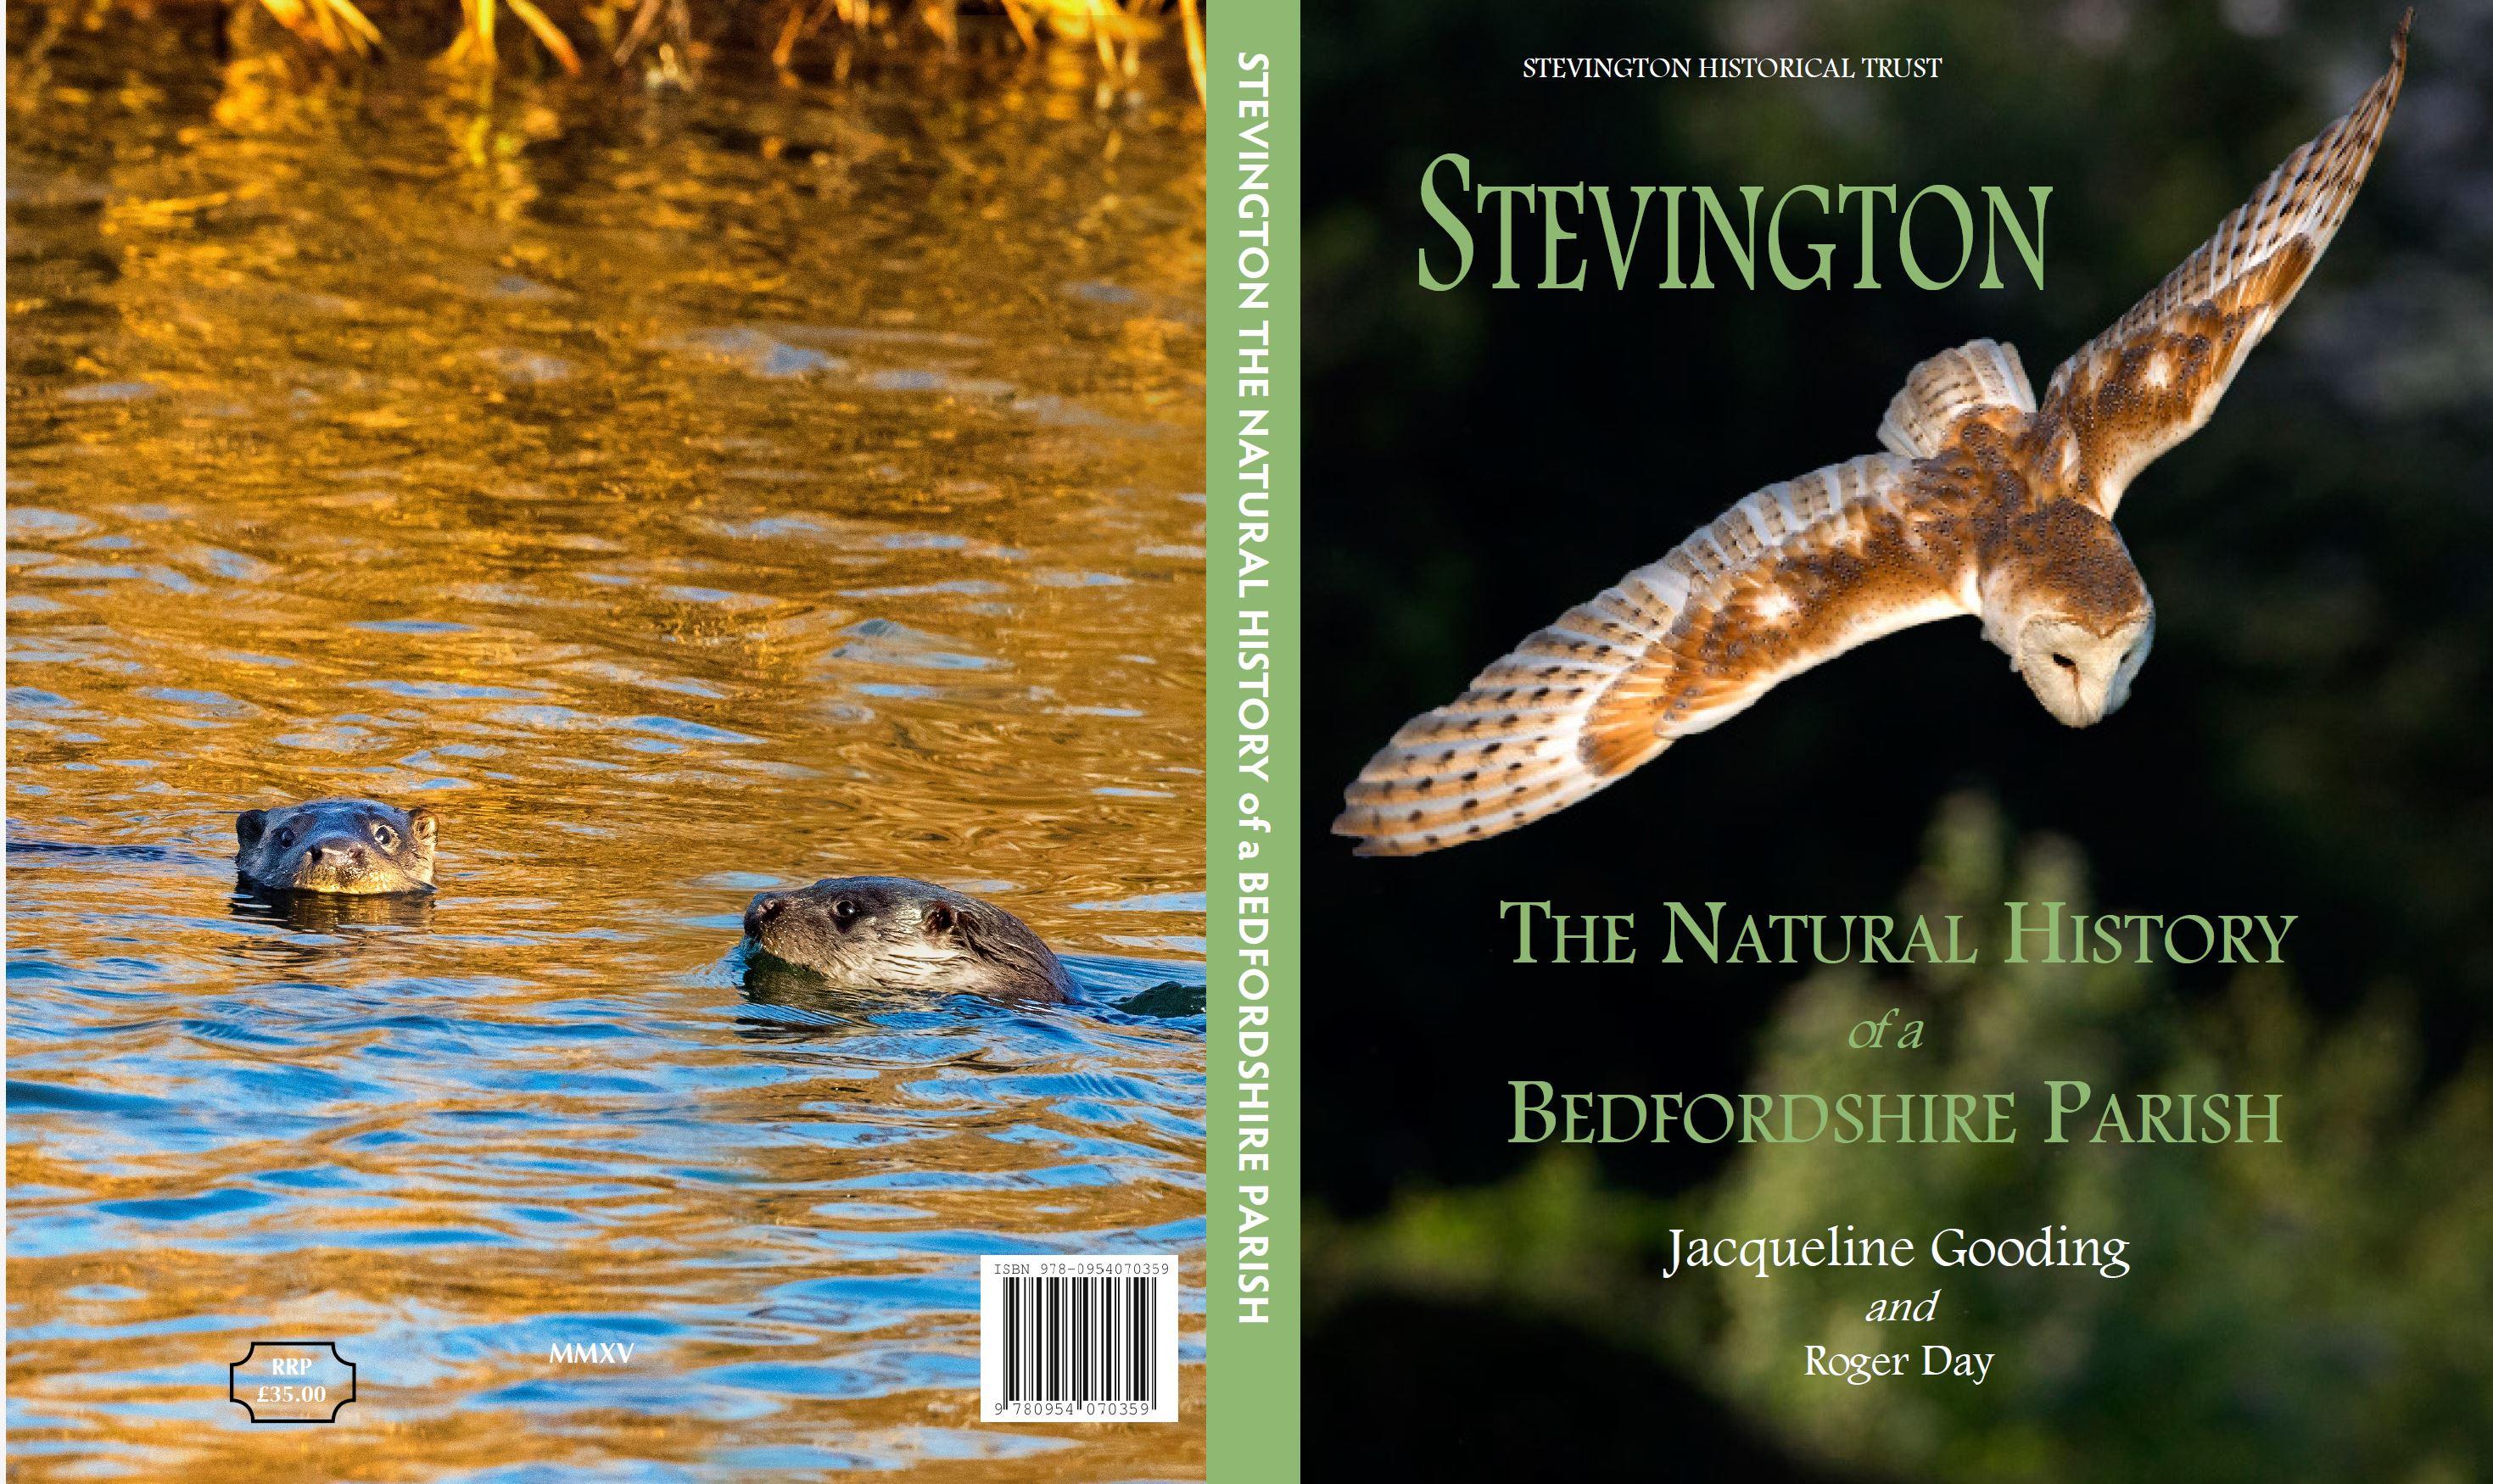 stevington-book-cover-snh-16-nov